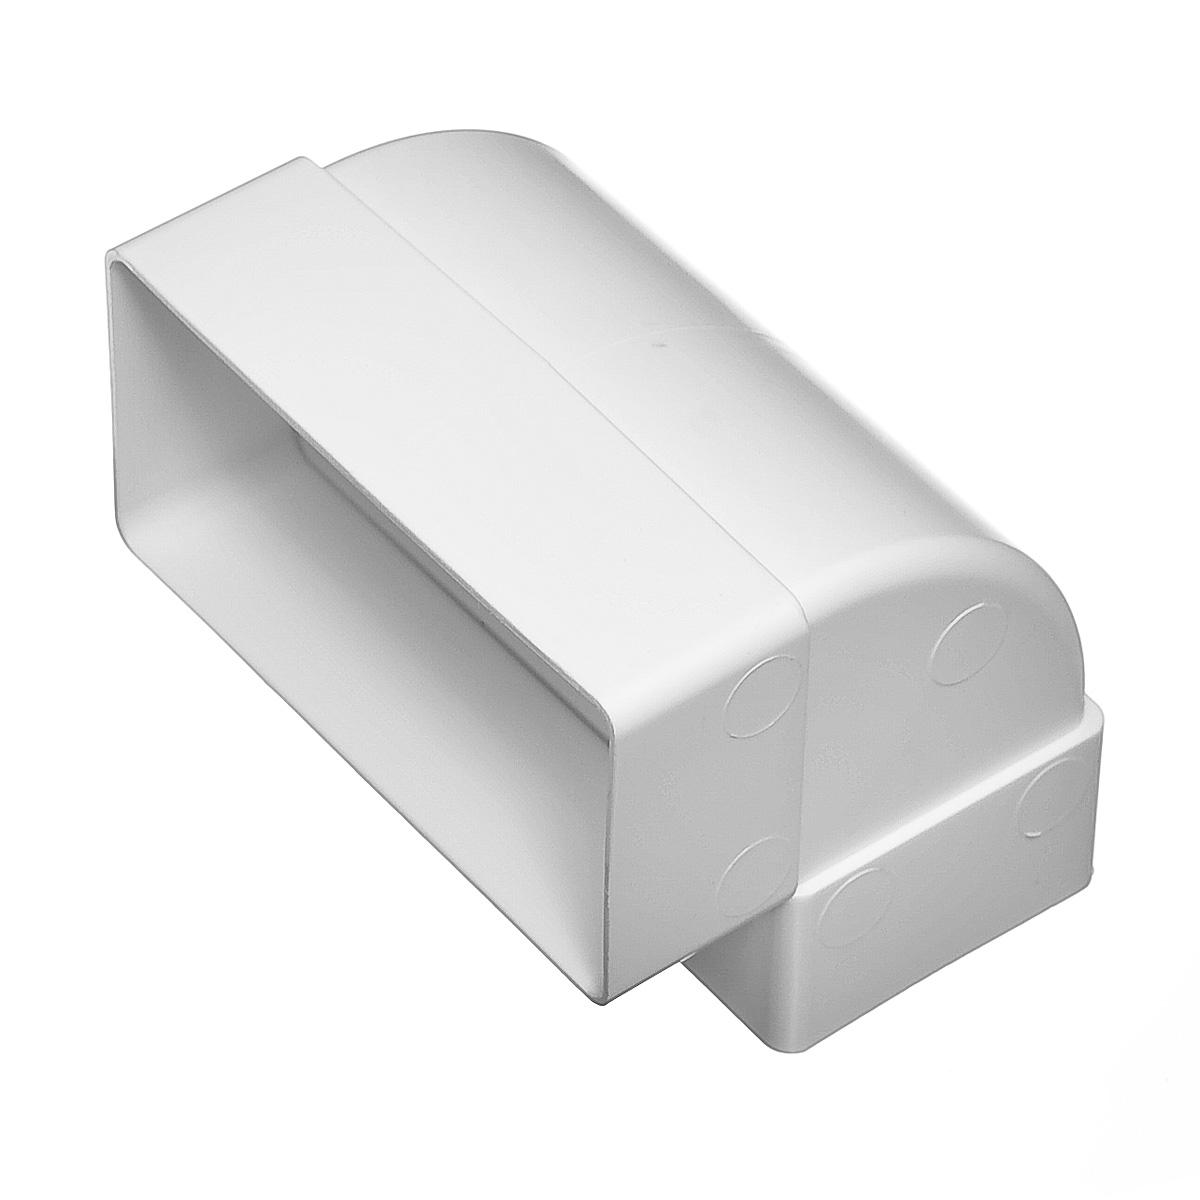 Купить Отвод вертикальный для вентиляционных коробов пластиковый 55х110 мм, угол 90° — Фото №1